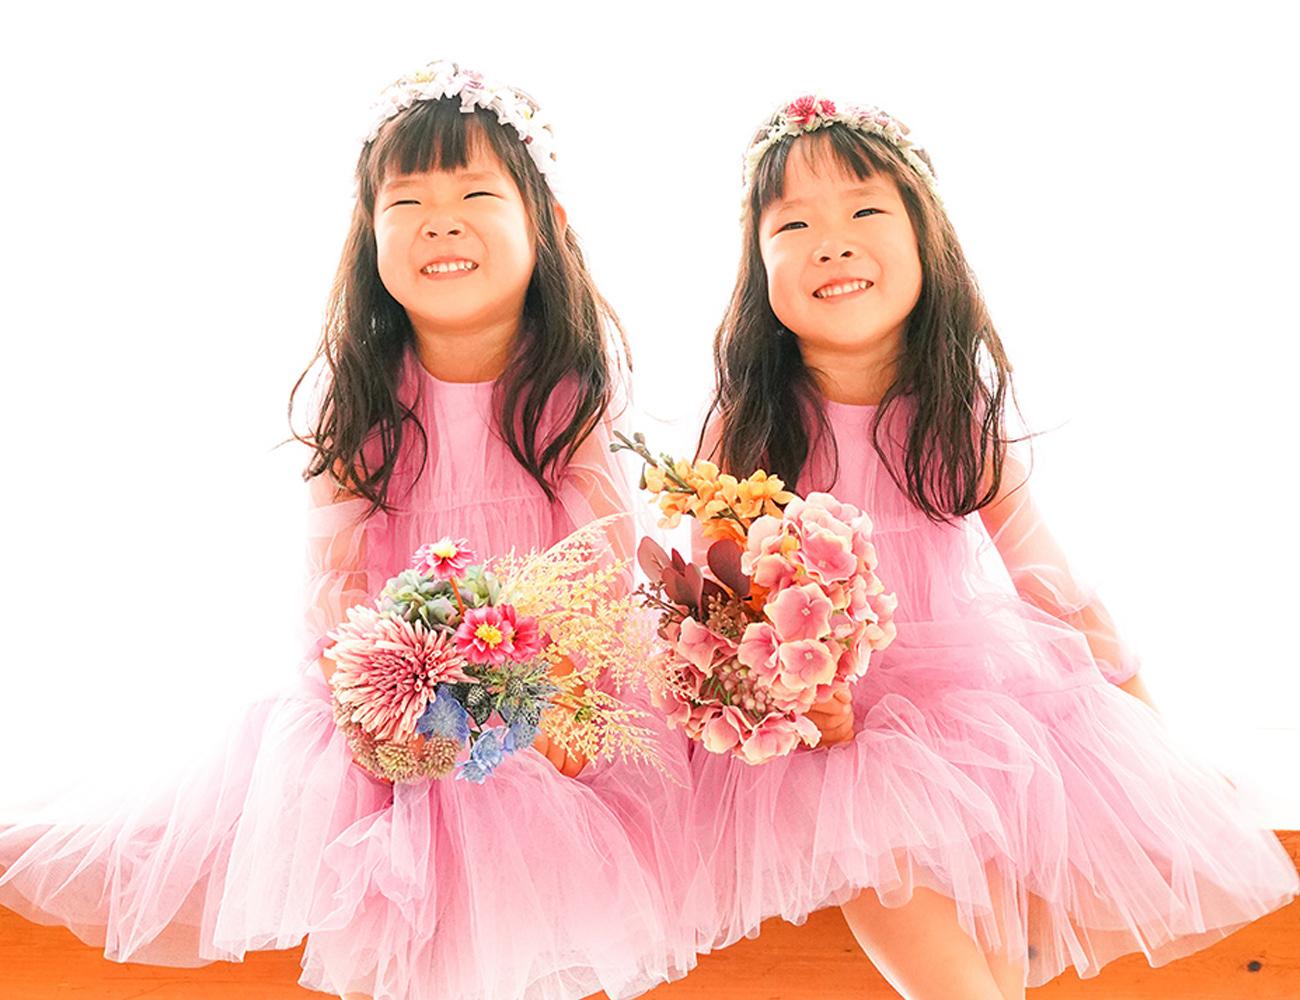 バースデーフォト 双子姉妹4歳